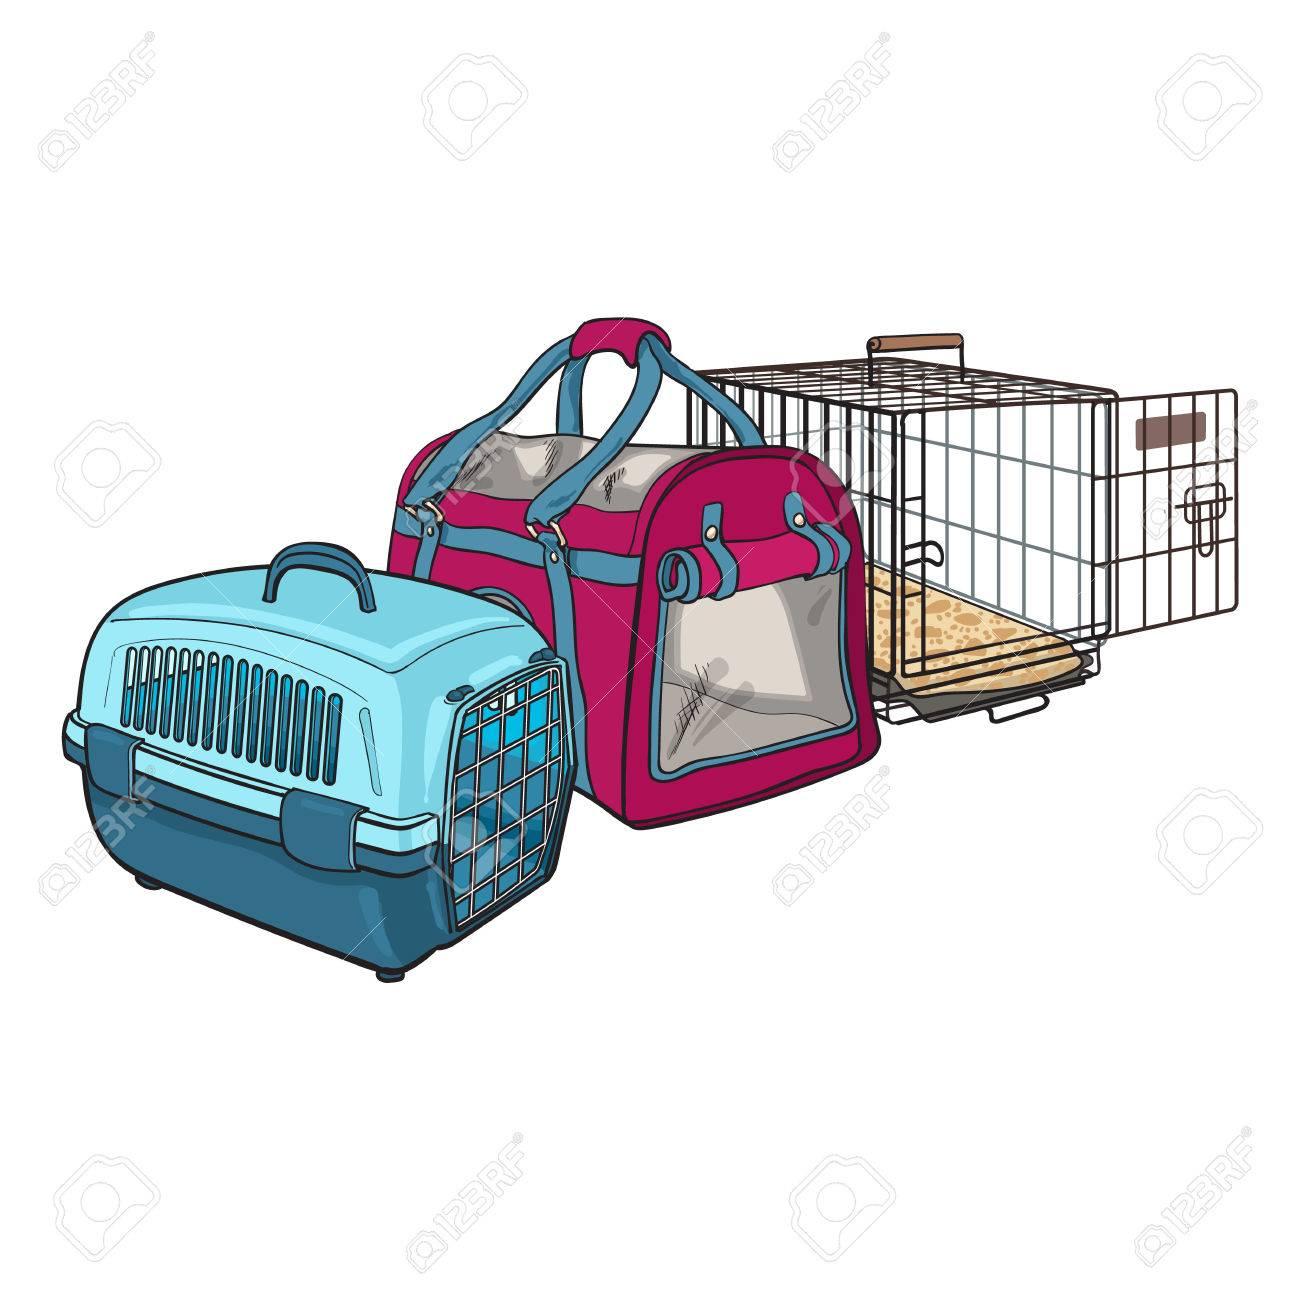 Drei Arten Von Tier-Träger, Transport-Tasche, Kunststoff-Gehäuse ...